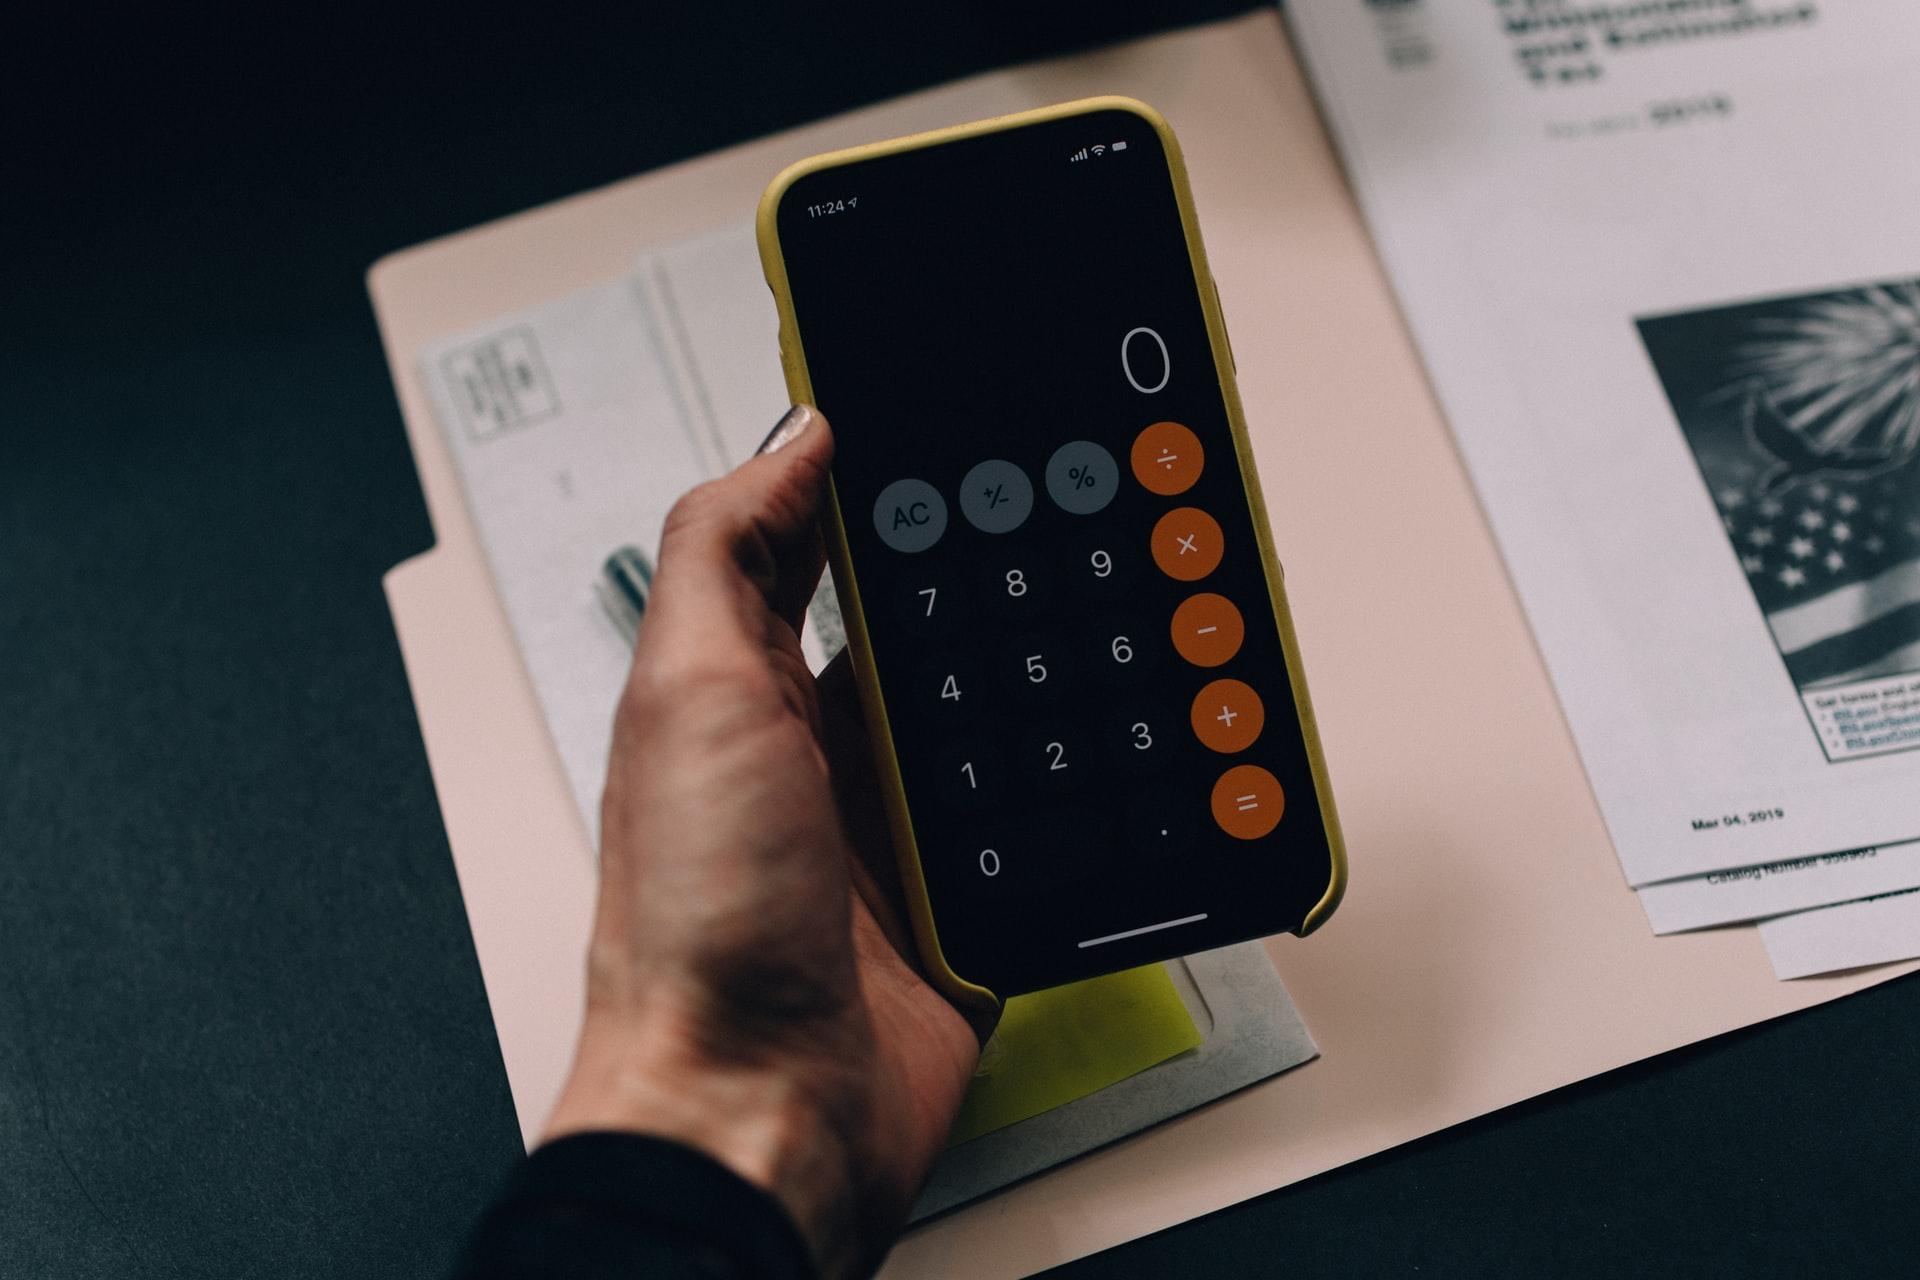 Przesłanie faktury smartfonem a wydanie faktury w zgodzie z ustawą o VAT